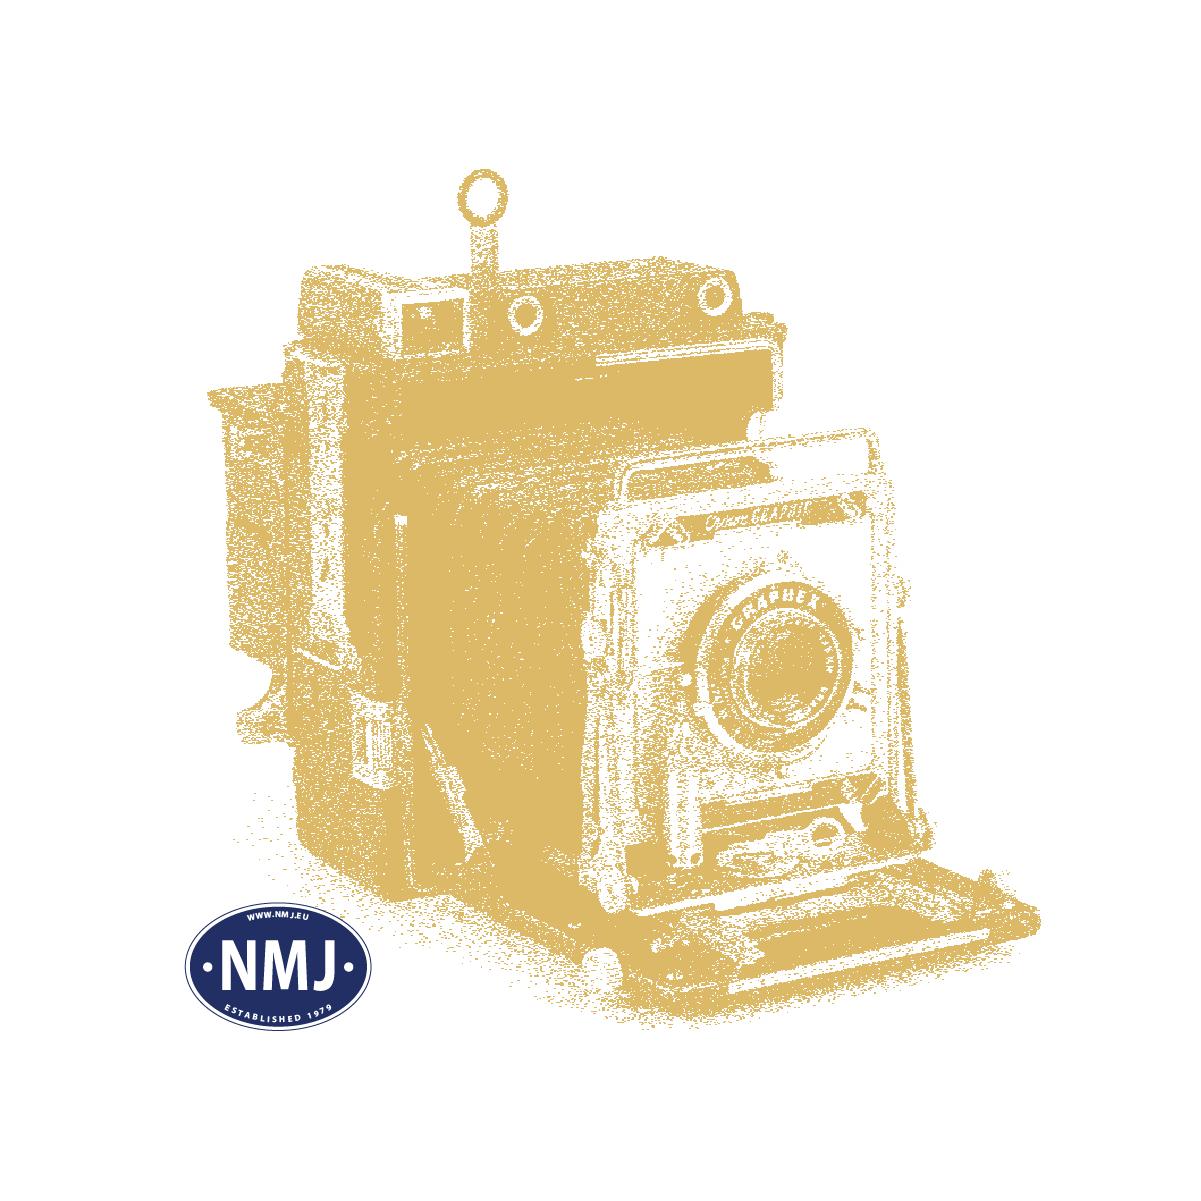 NMJB1109 - Harmonika Overgangsbelg, 4 Stk